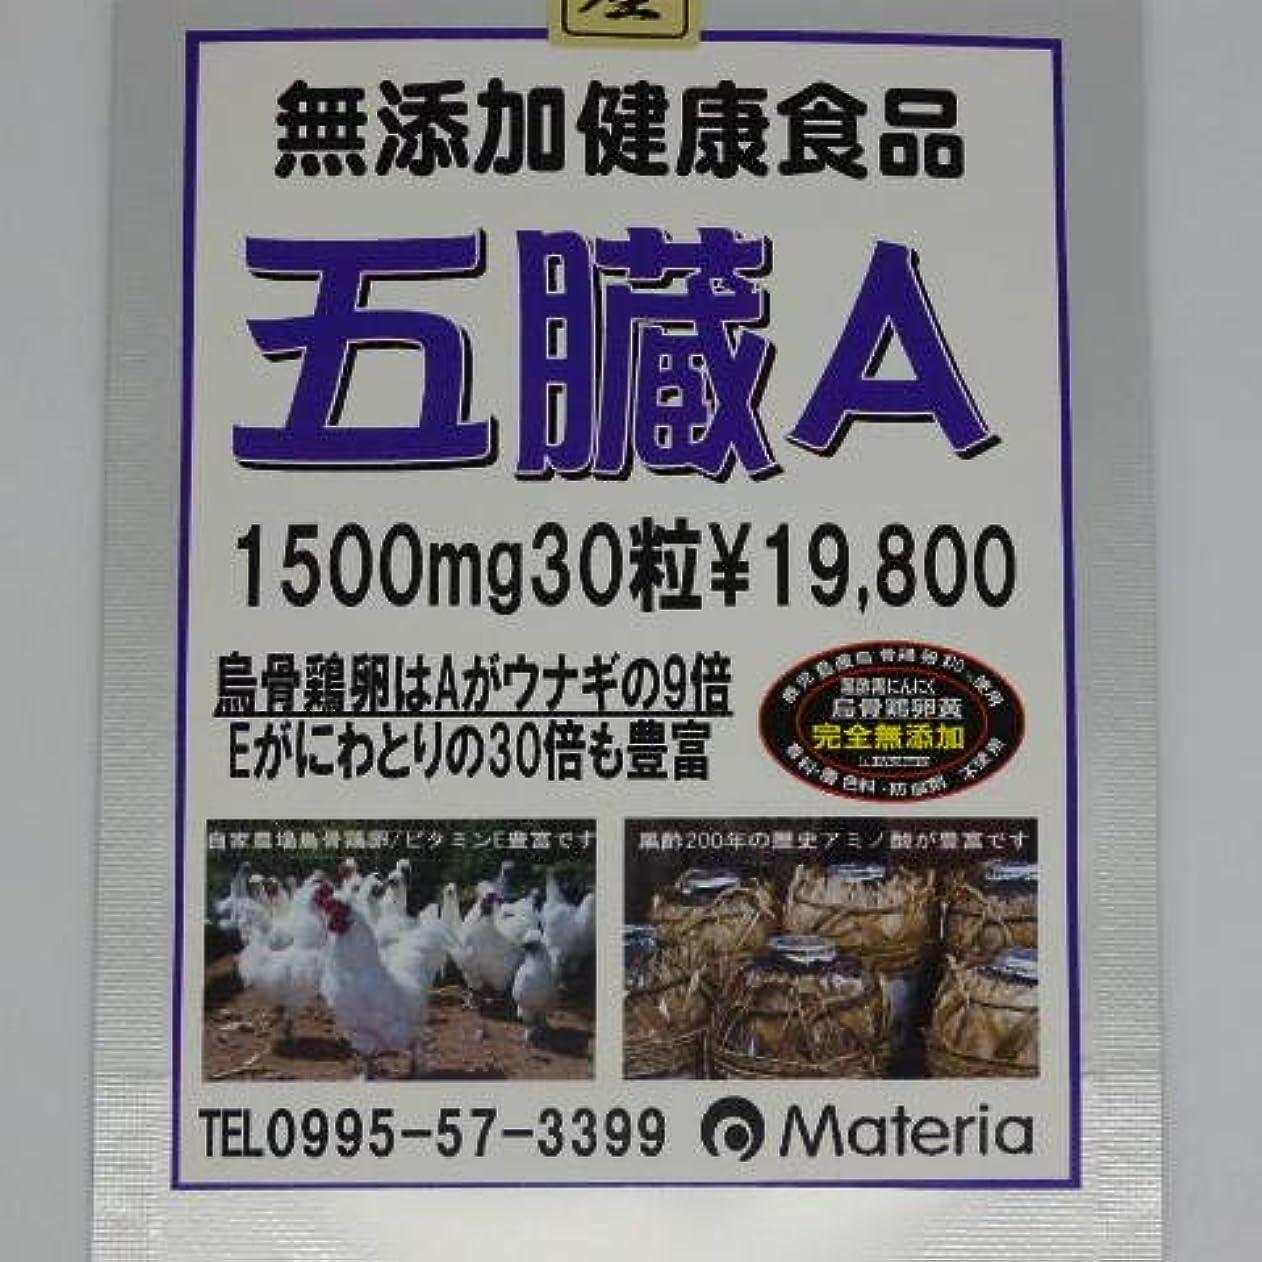 構成員外側十分無添加健康食品/黒酢黒にんにく烏骨鶏卵黄五臓六腑A大玉(1500mg×30粒)30日¥19,800